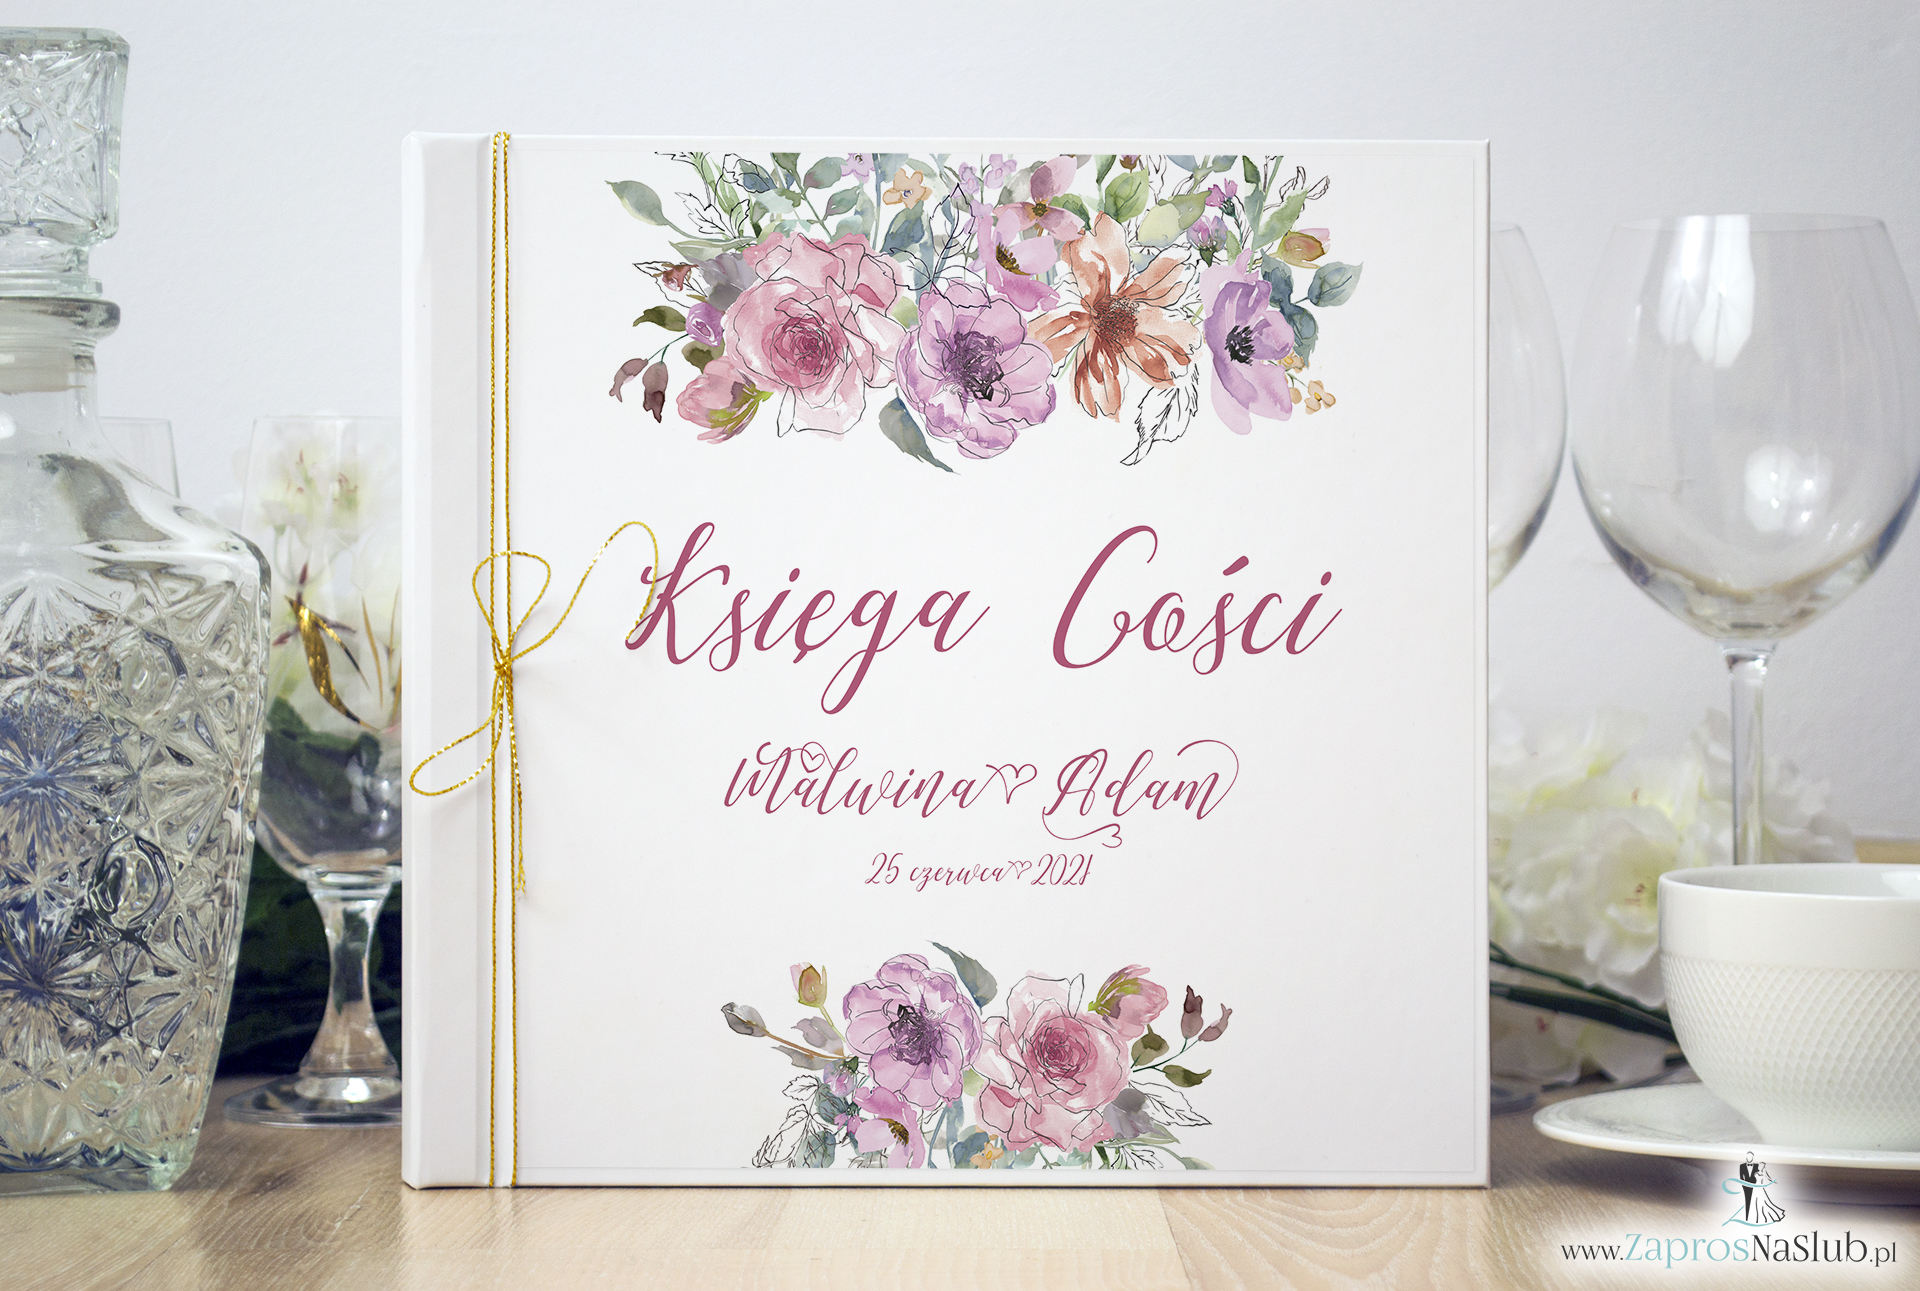 Księga gości weselnych z różowymi kwiatami i ich konturami, złotym sznurkiem metalizowanym. KSG-10005